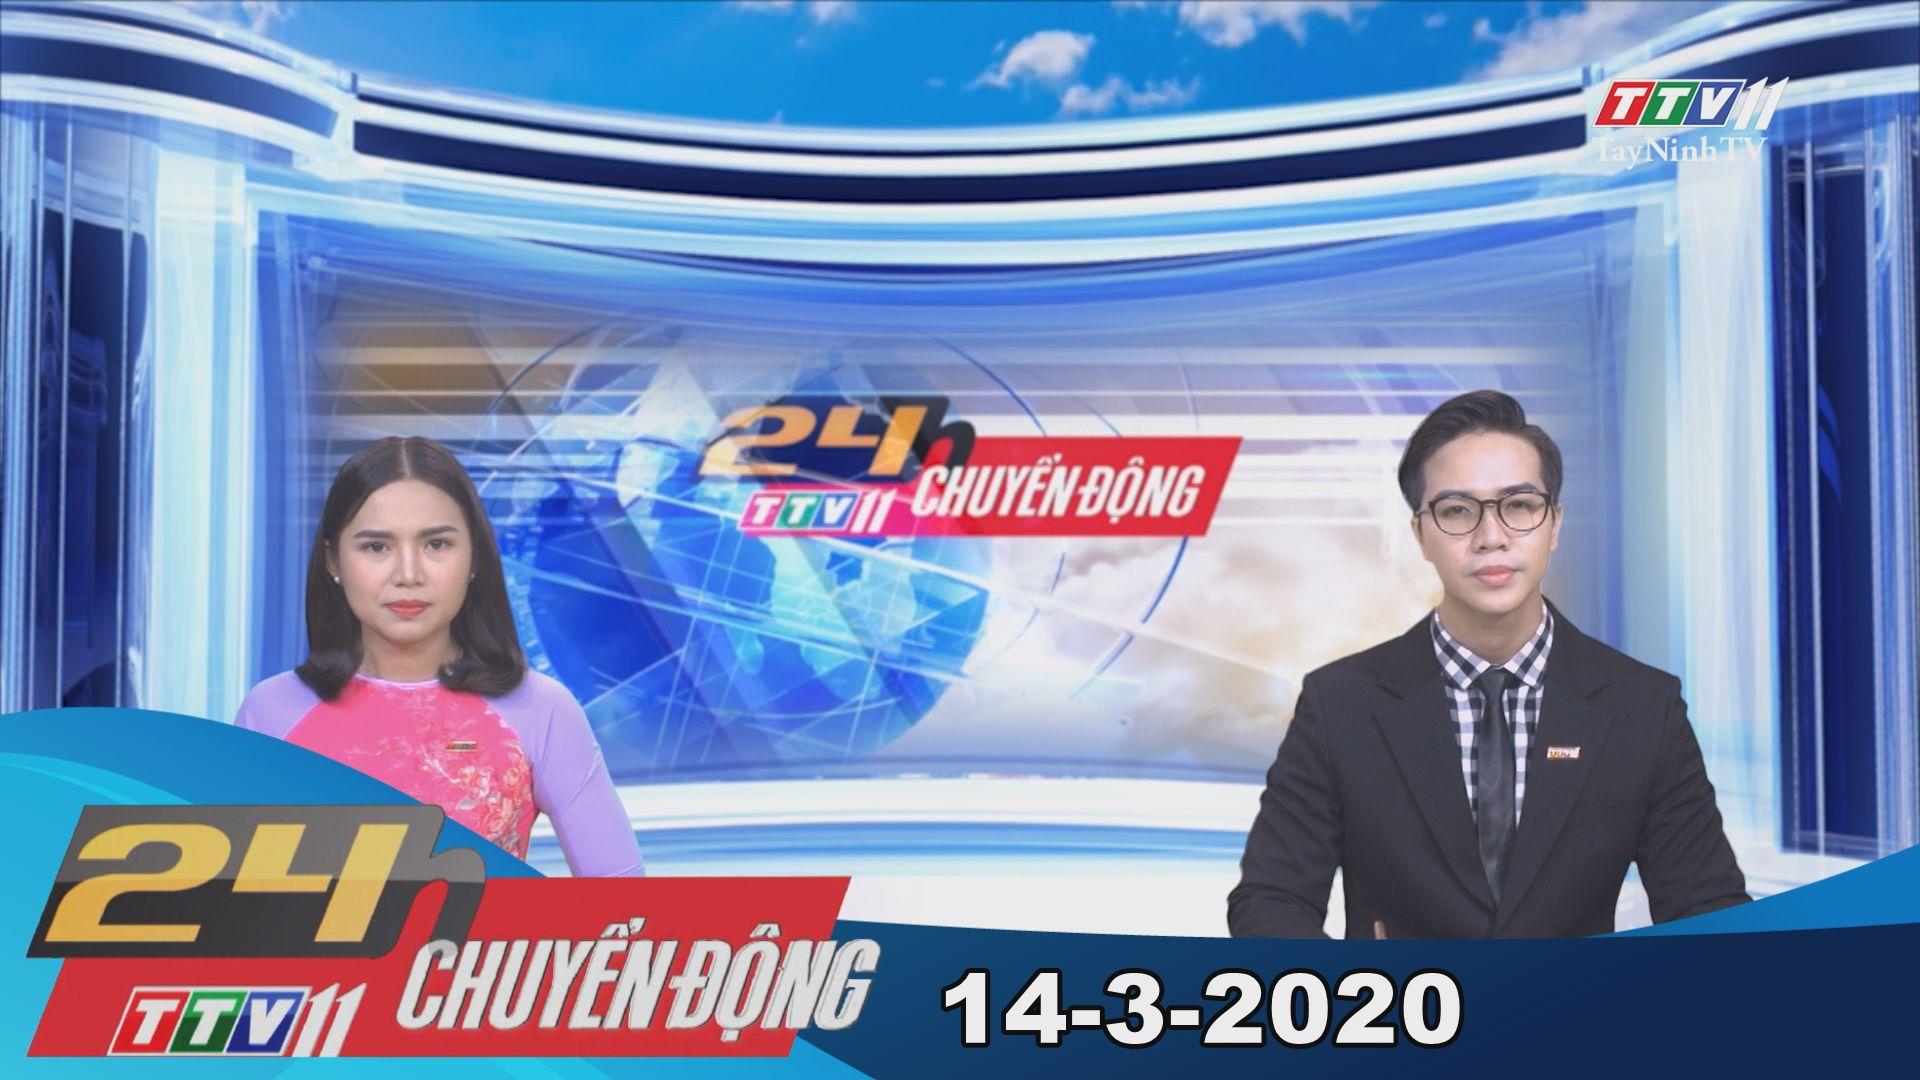 24h Chuyển động 14-3-2020 | Tin tức hôm nay | TayNinhTV